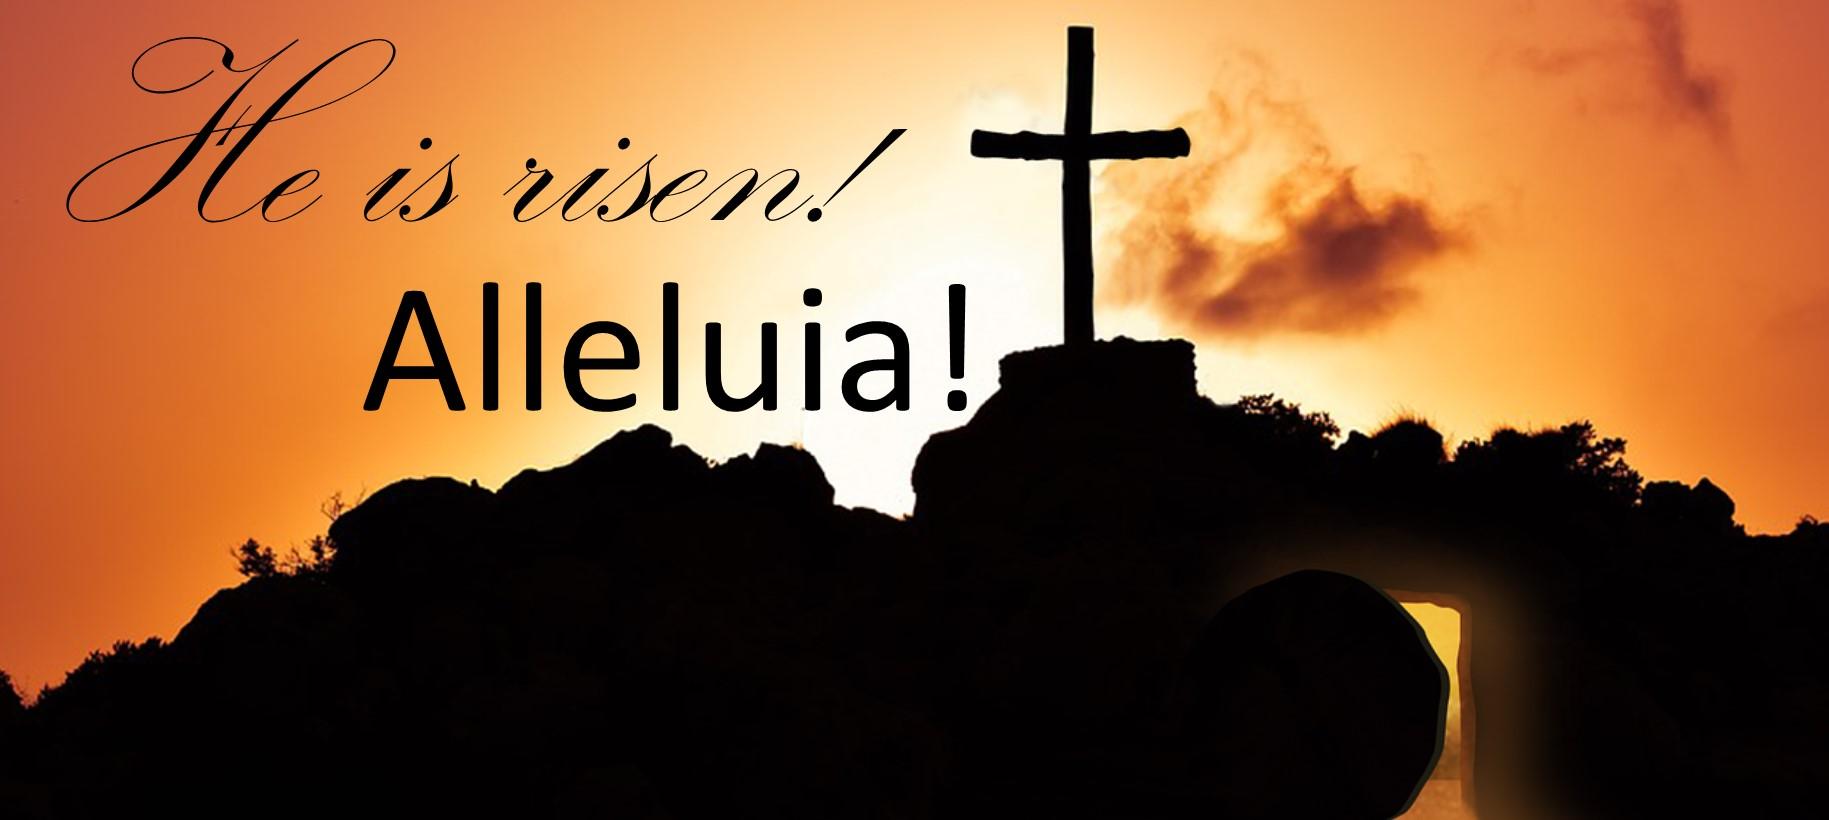 He has risen!